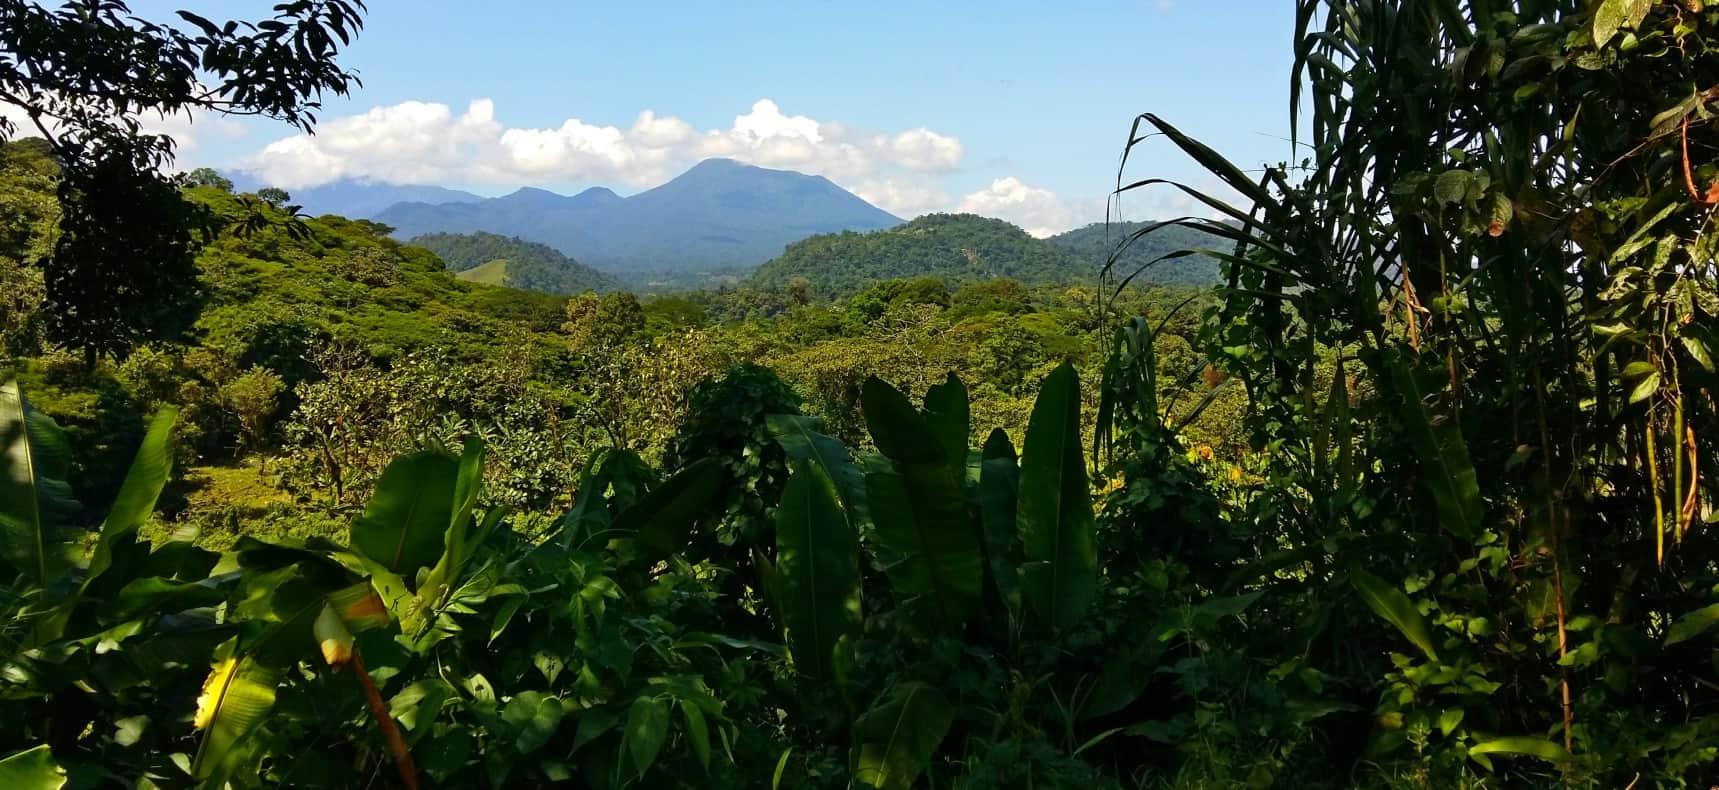 Jungle and Volcano Costa Rica